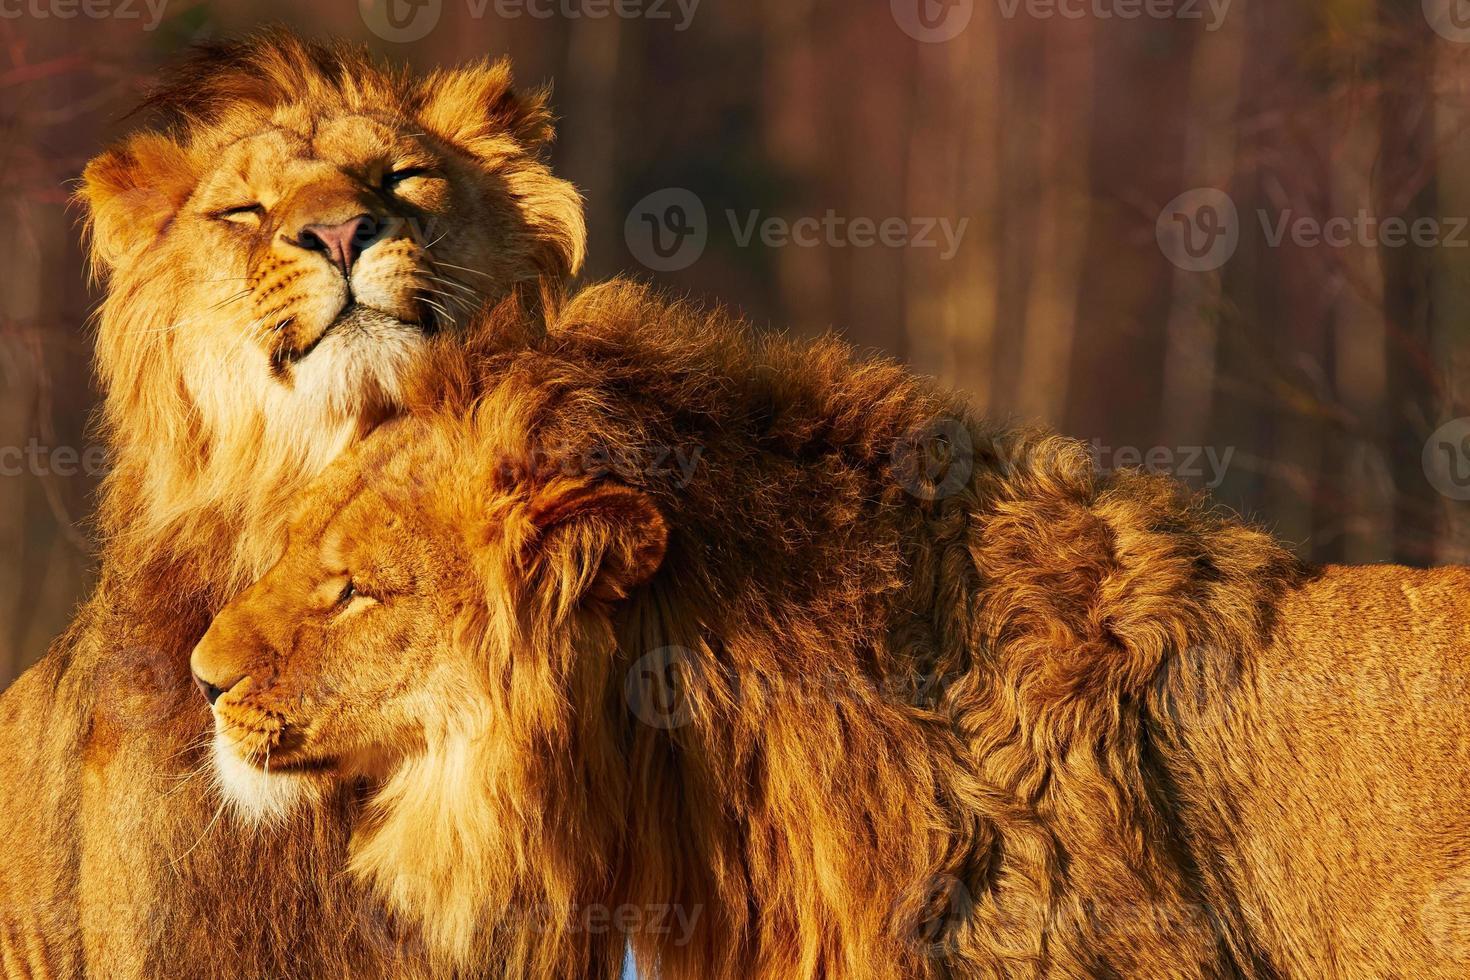 zwei Löwen dicht beieinander foto